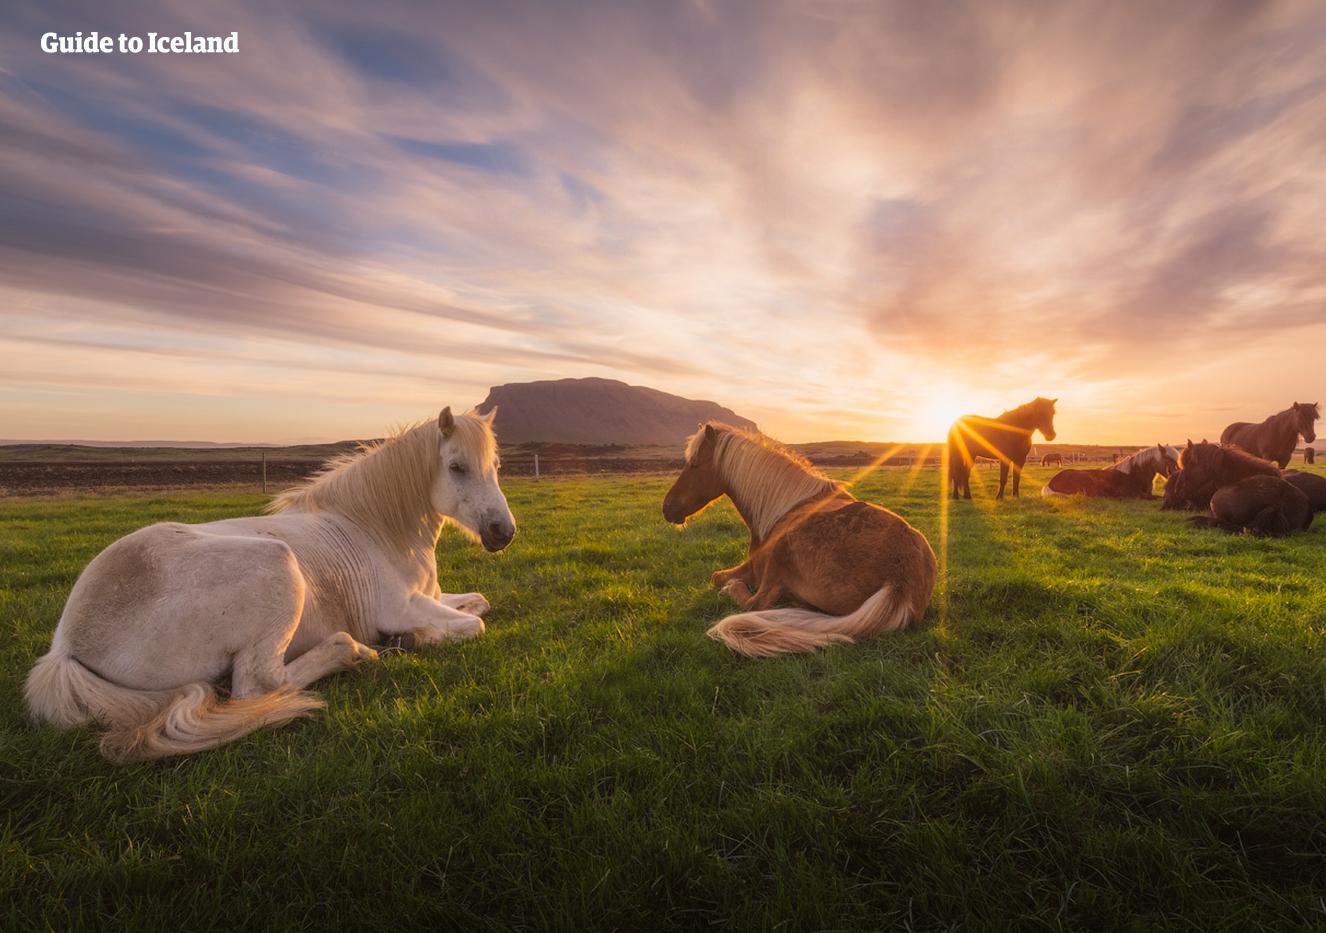 在有午夜阳光照耀的夜晚躺在草地上的冰岛马